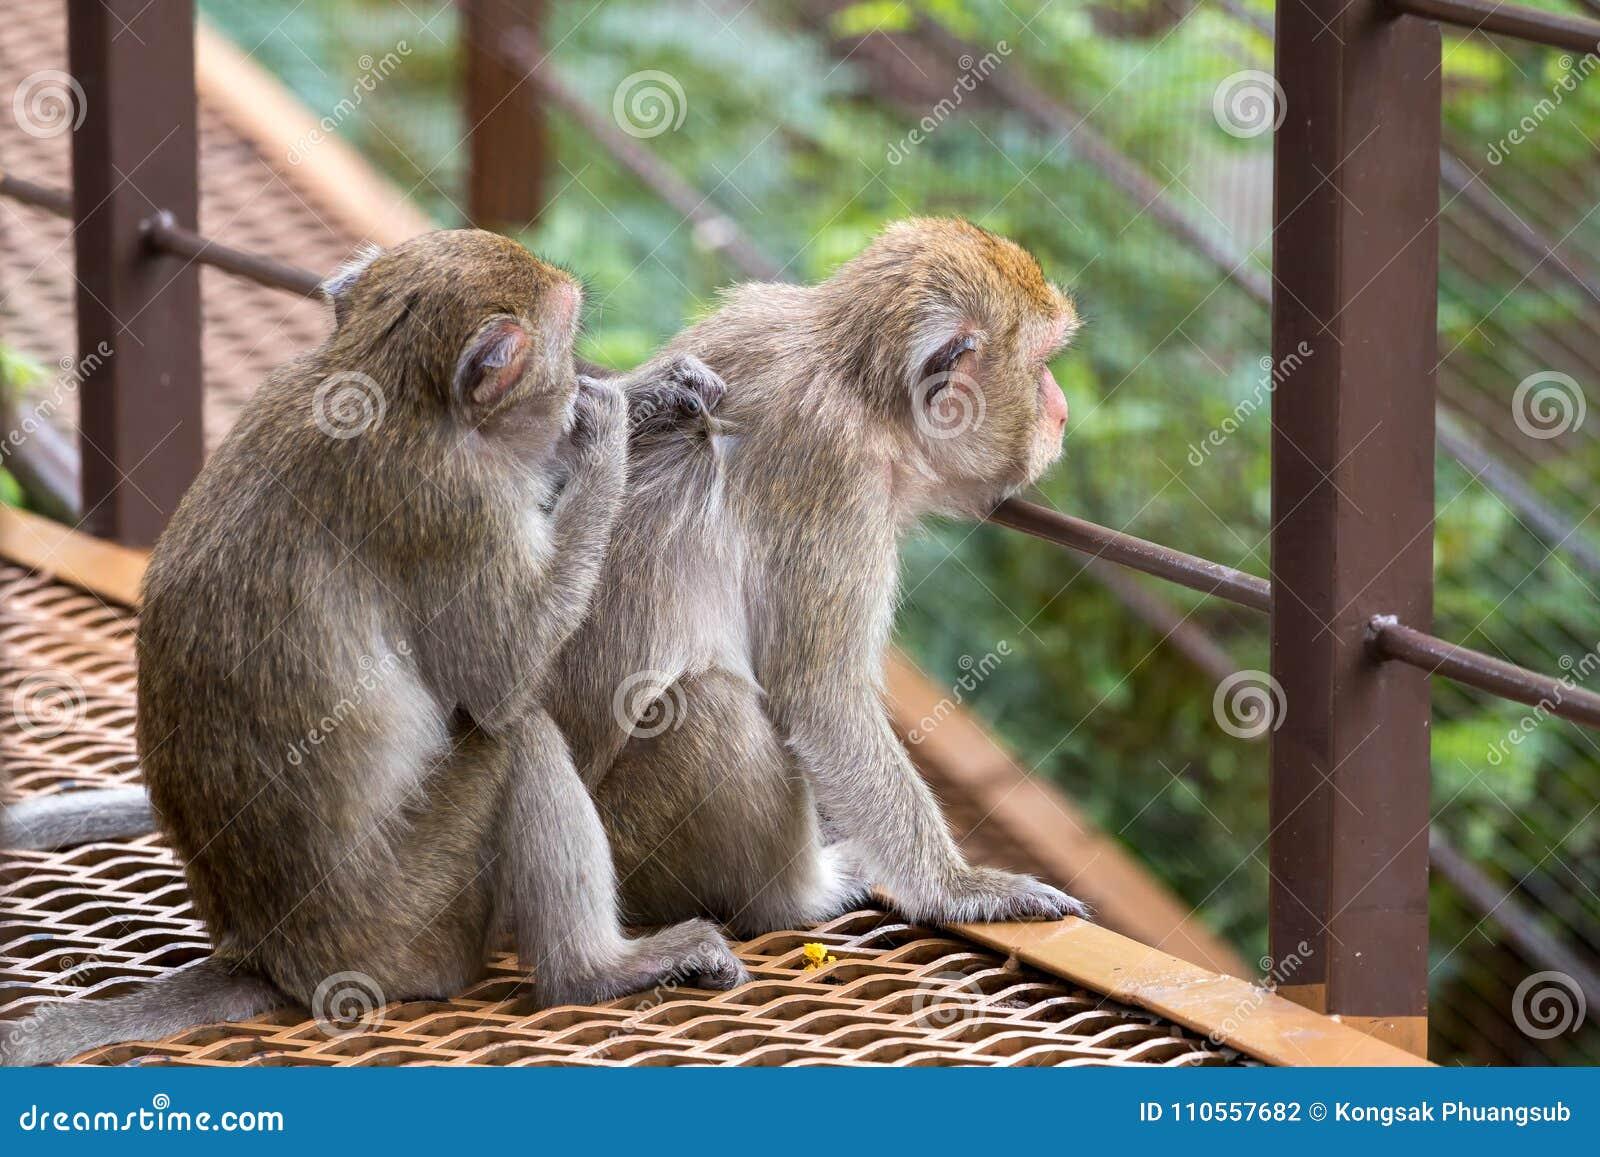 Séance de deux singes et une puce de conclusion